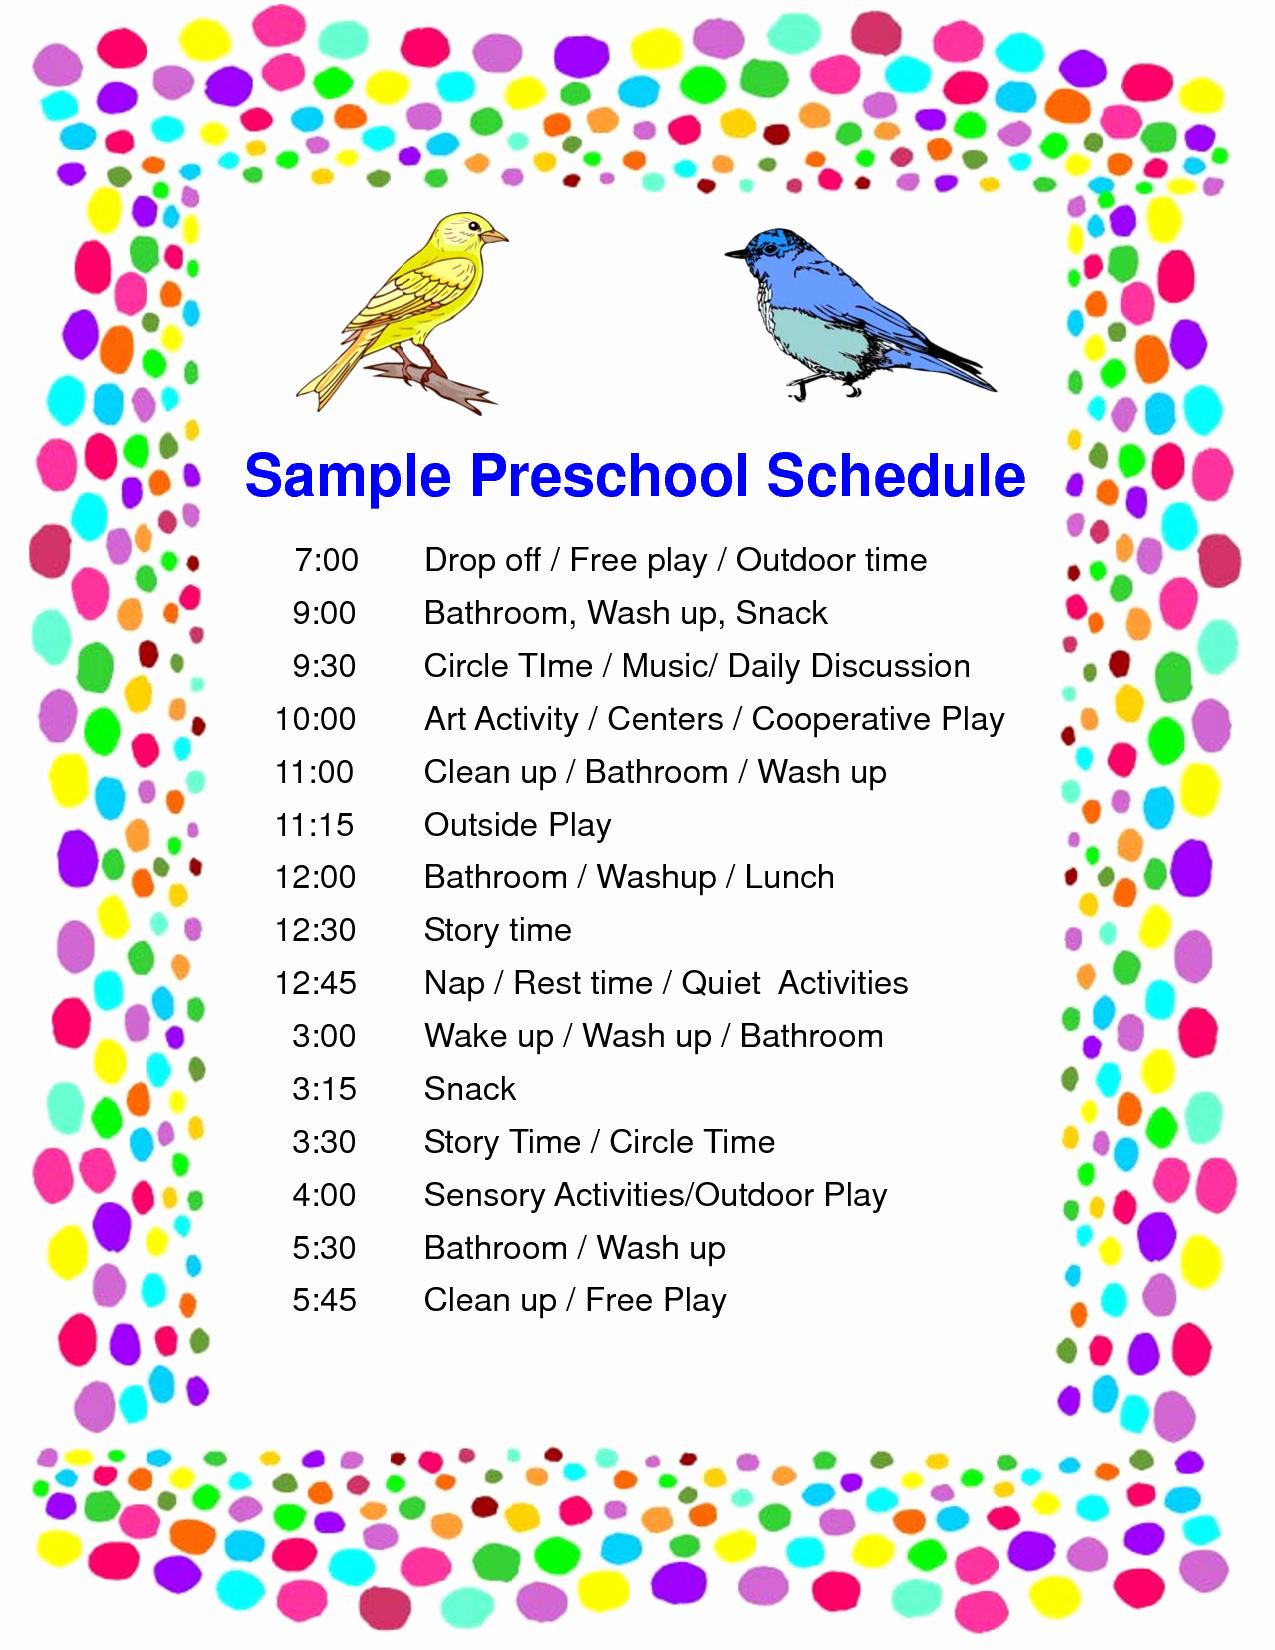 Teacher Daily Schedule Template Awesome Daily Schedule In A Preschool Classroom Calendar June